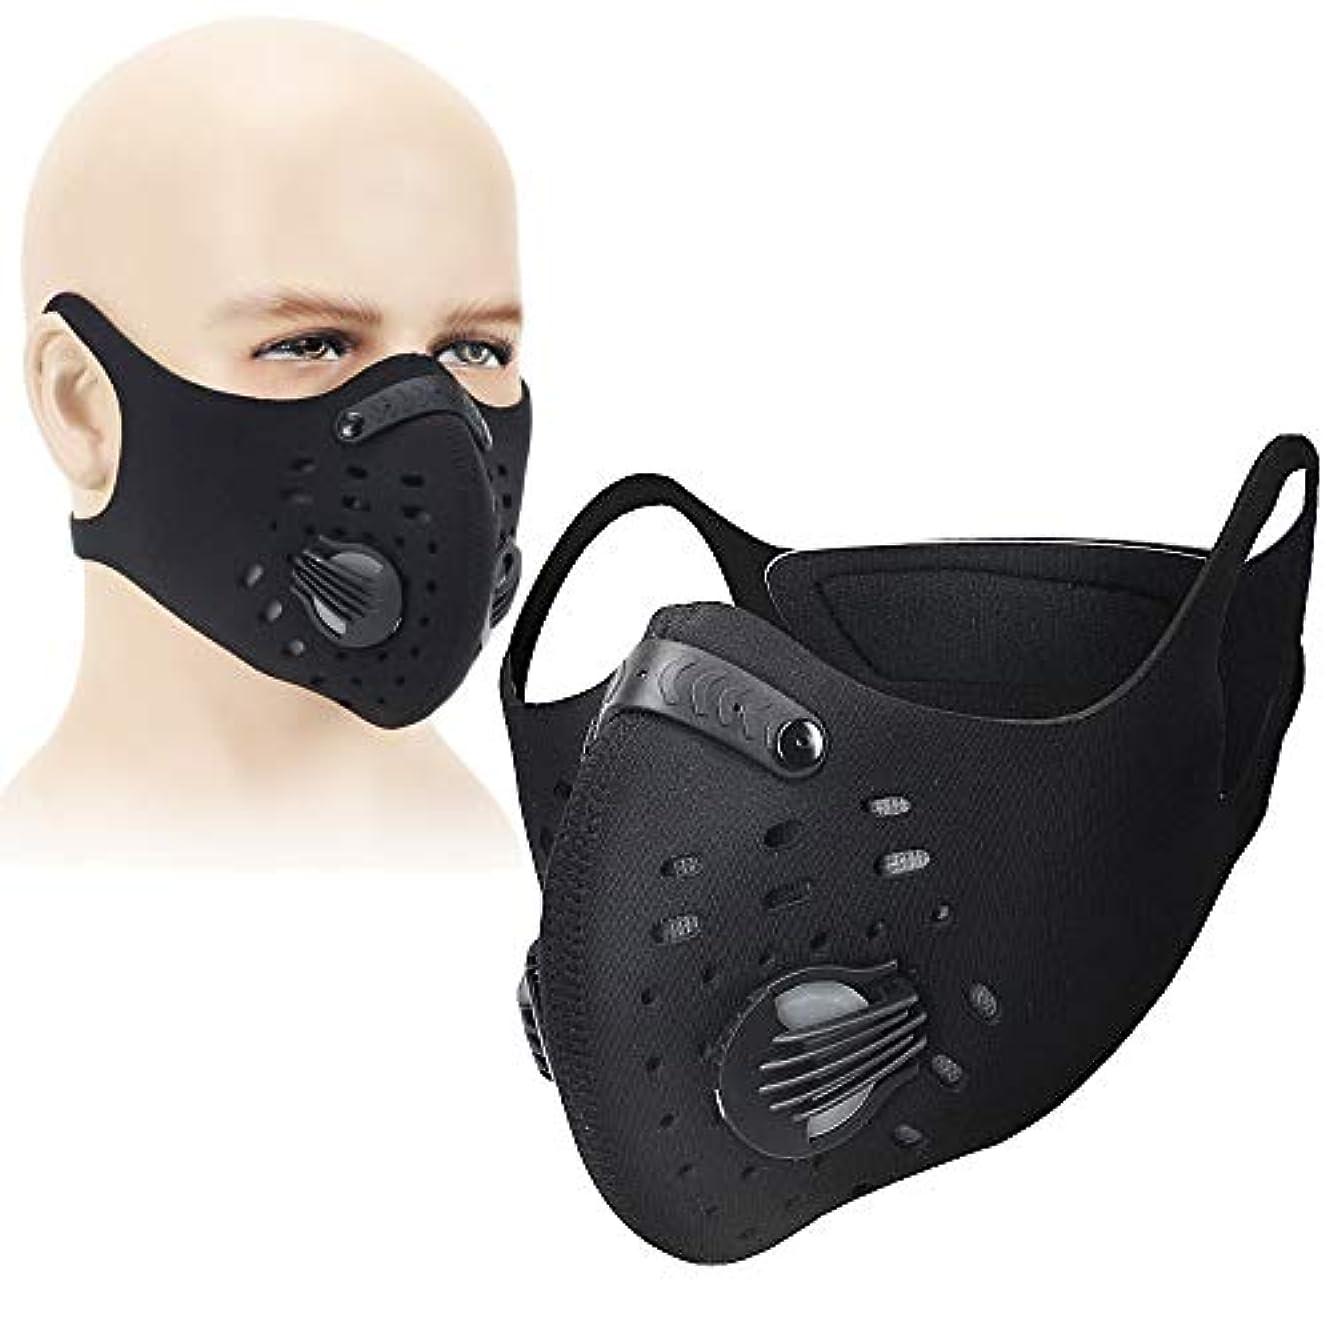 ワークショップ事前ふつうING STYLE プロも認めた! 洗える トレーニング用 マスク 低酸素 持久力 肺活量 フィルター付